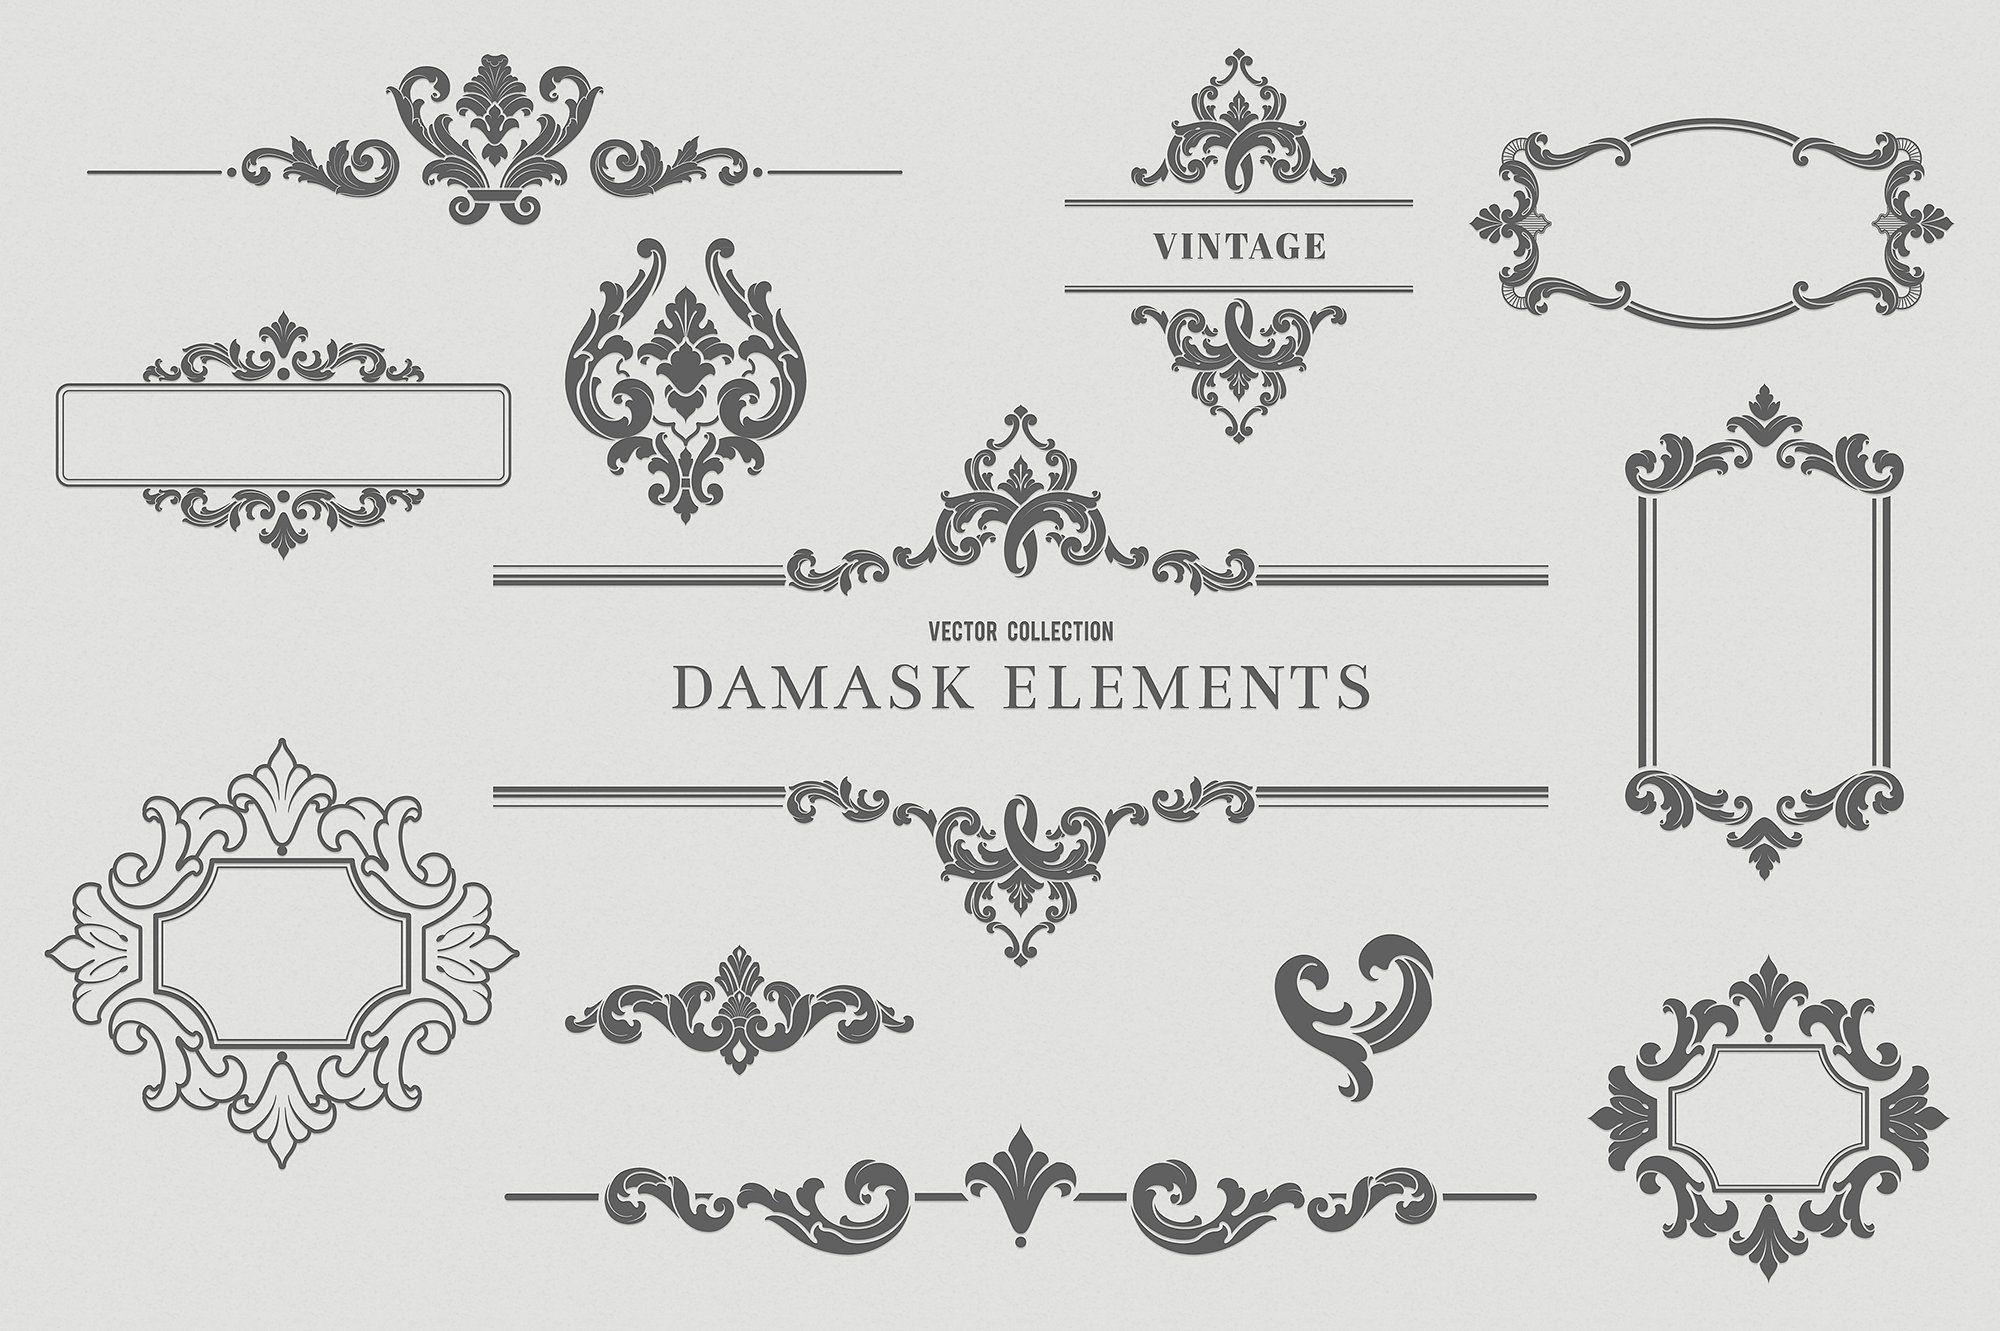 Vintage Damask Elements Iii Ornaments Design Vintage Frames